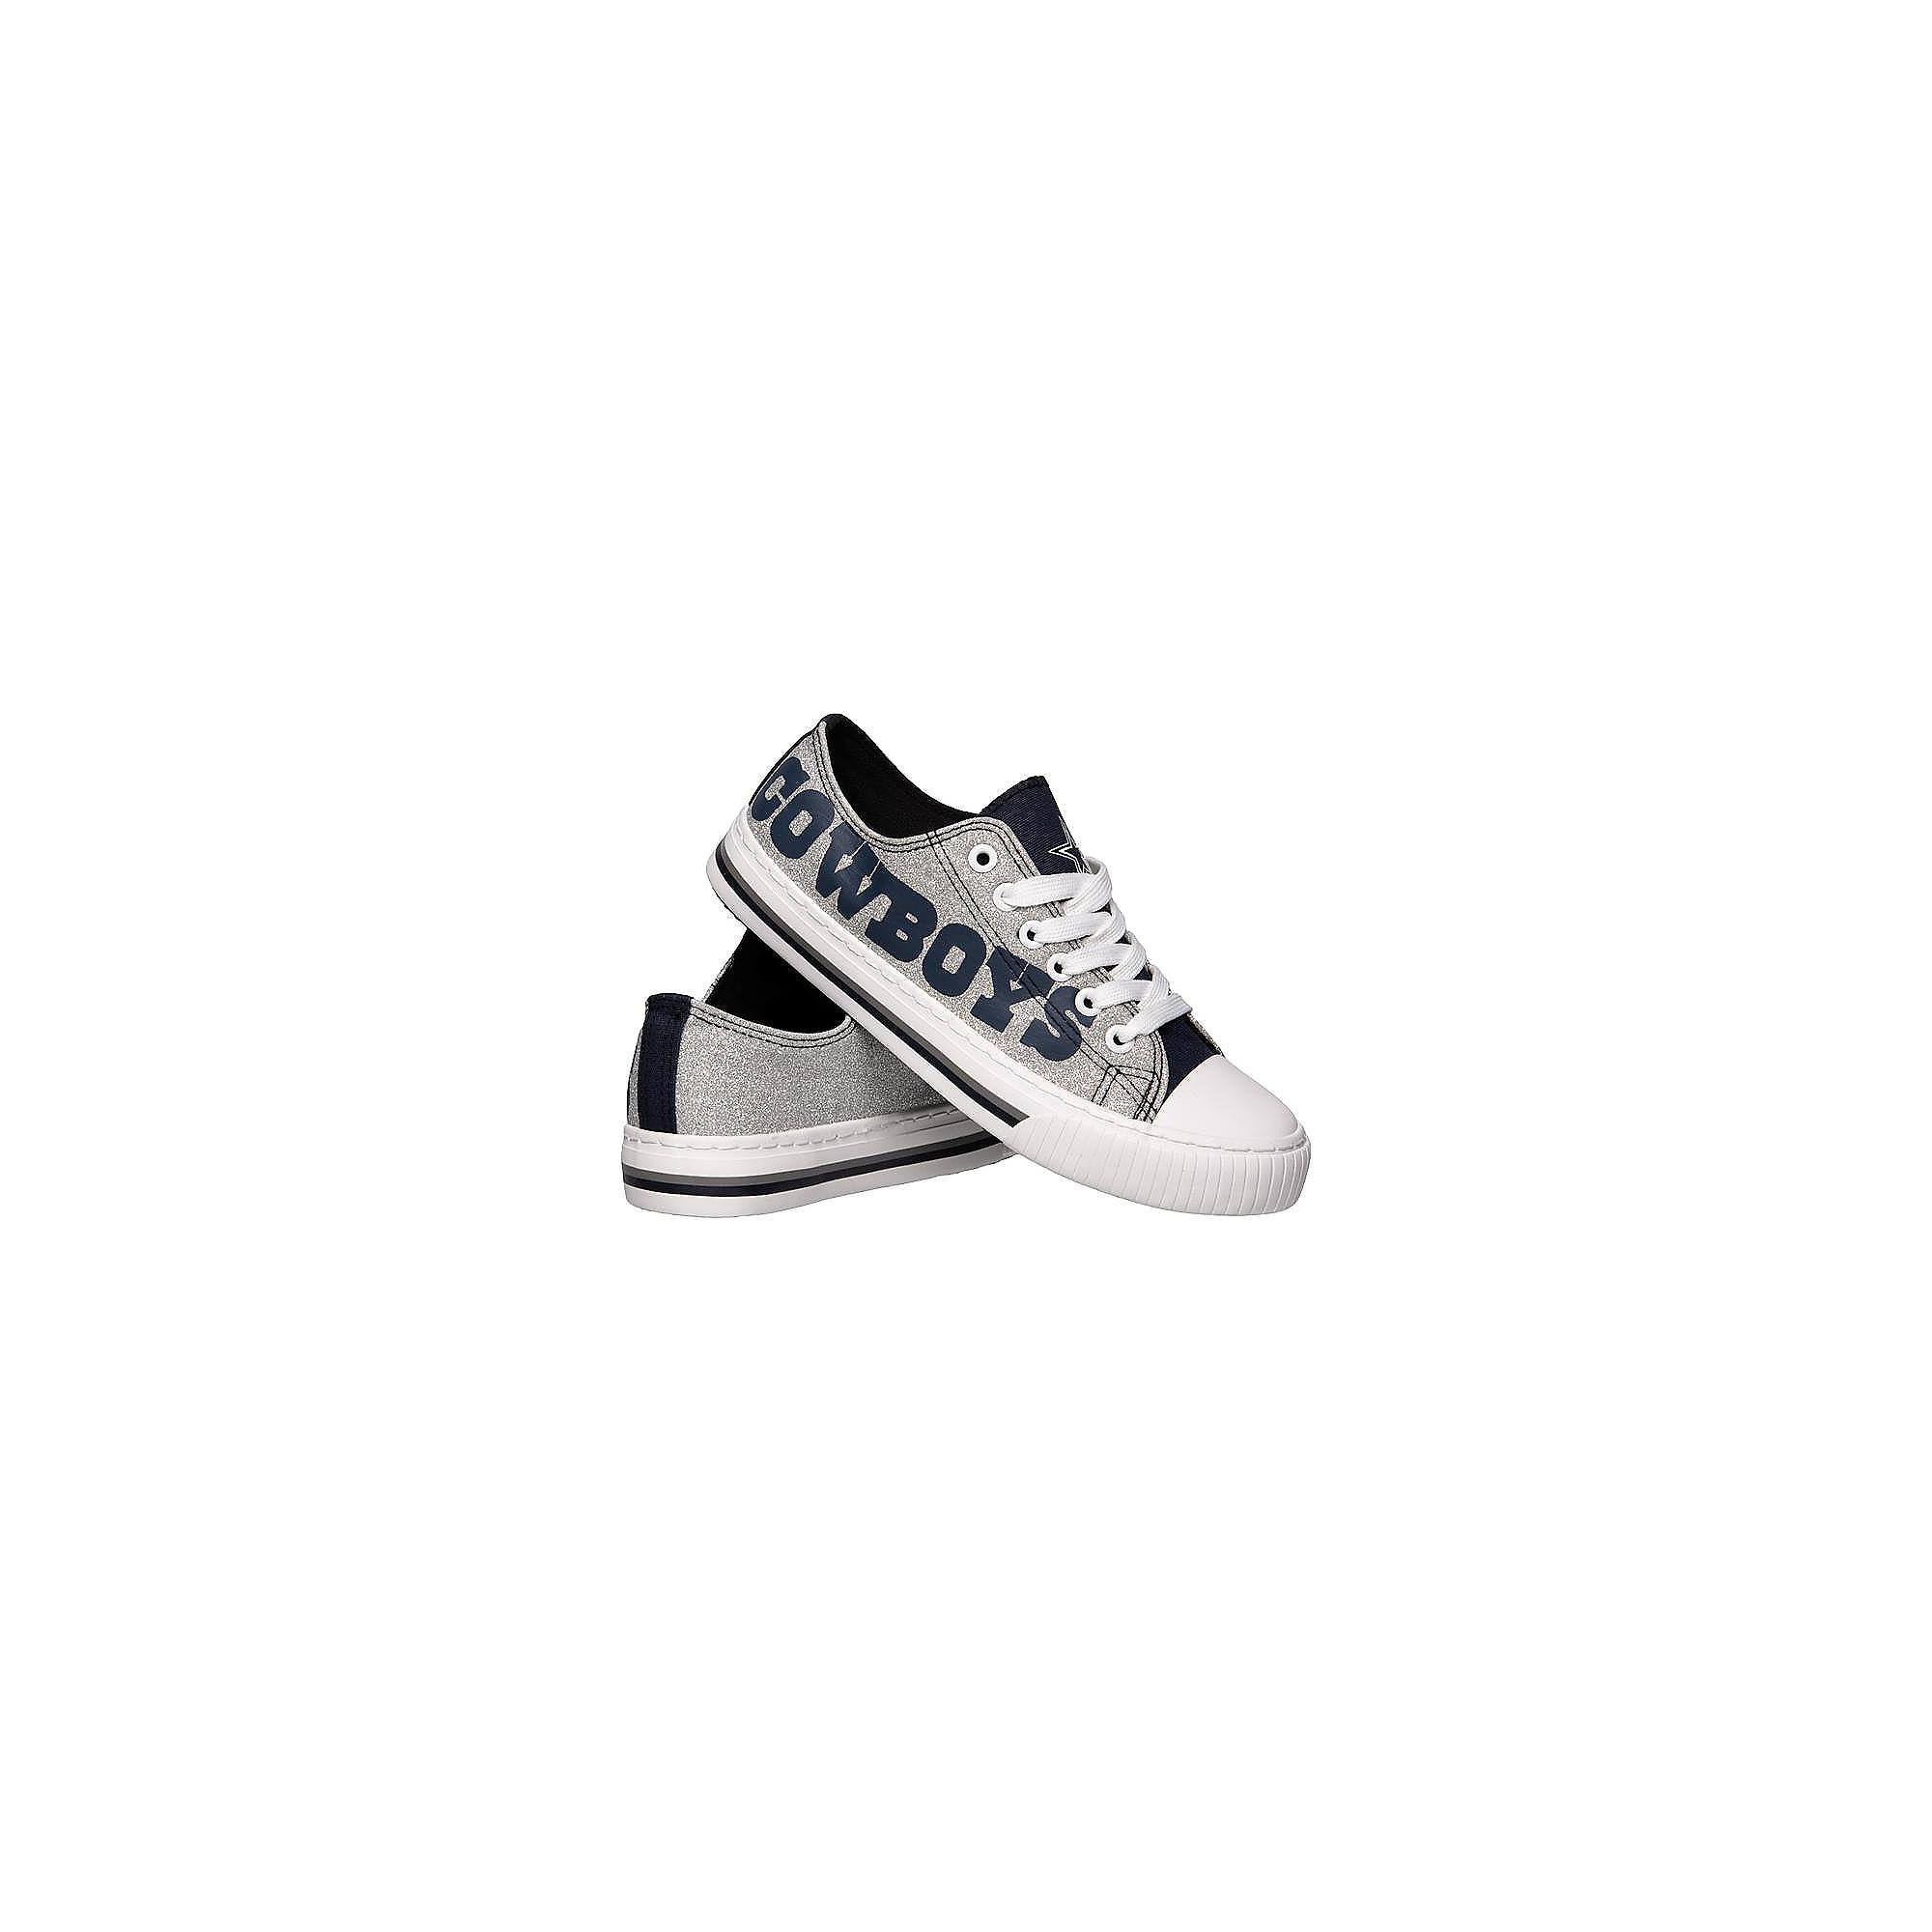 Dallas Cowboys Women's Glitter Low Top Canvas Shoes